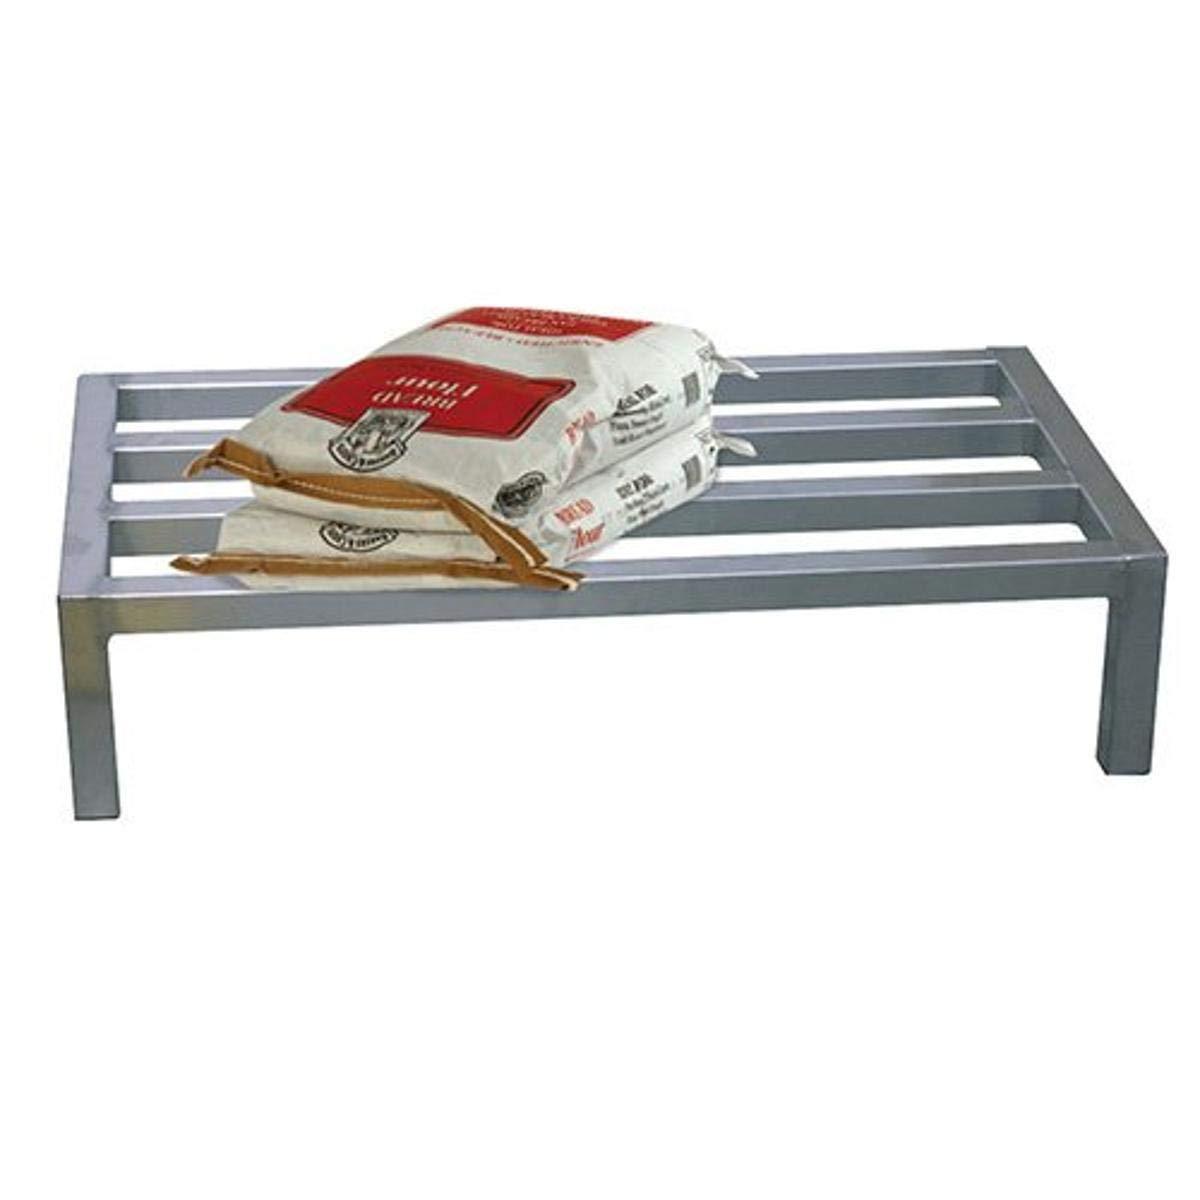 Focus Foodservice FHADR481812 Heavy Duty Dunnage Rack, 48 x 18 x 12 , 2500 lbs Capacity, 4 Support Bars